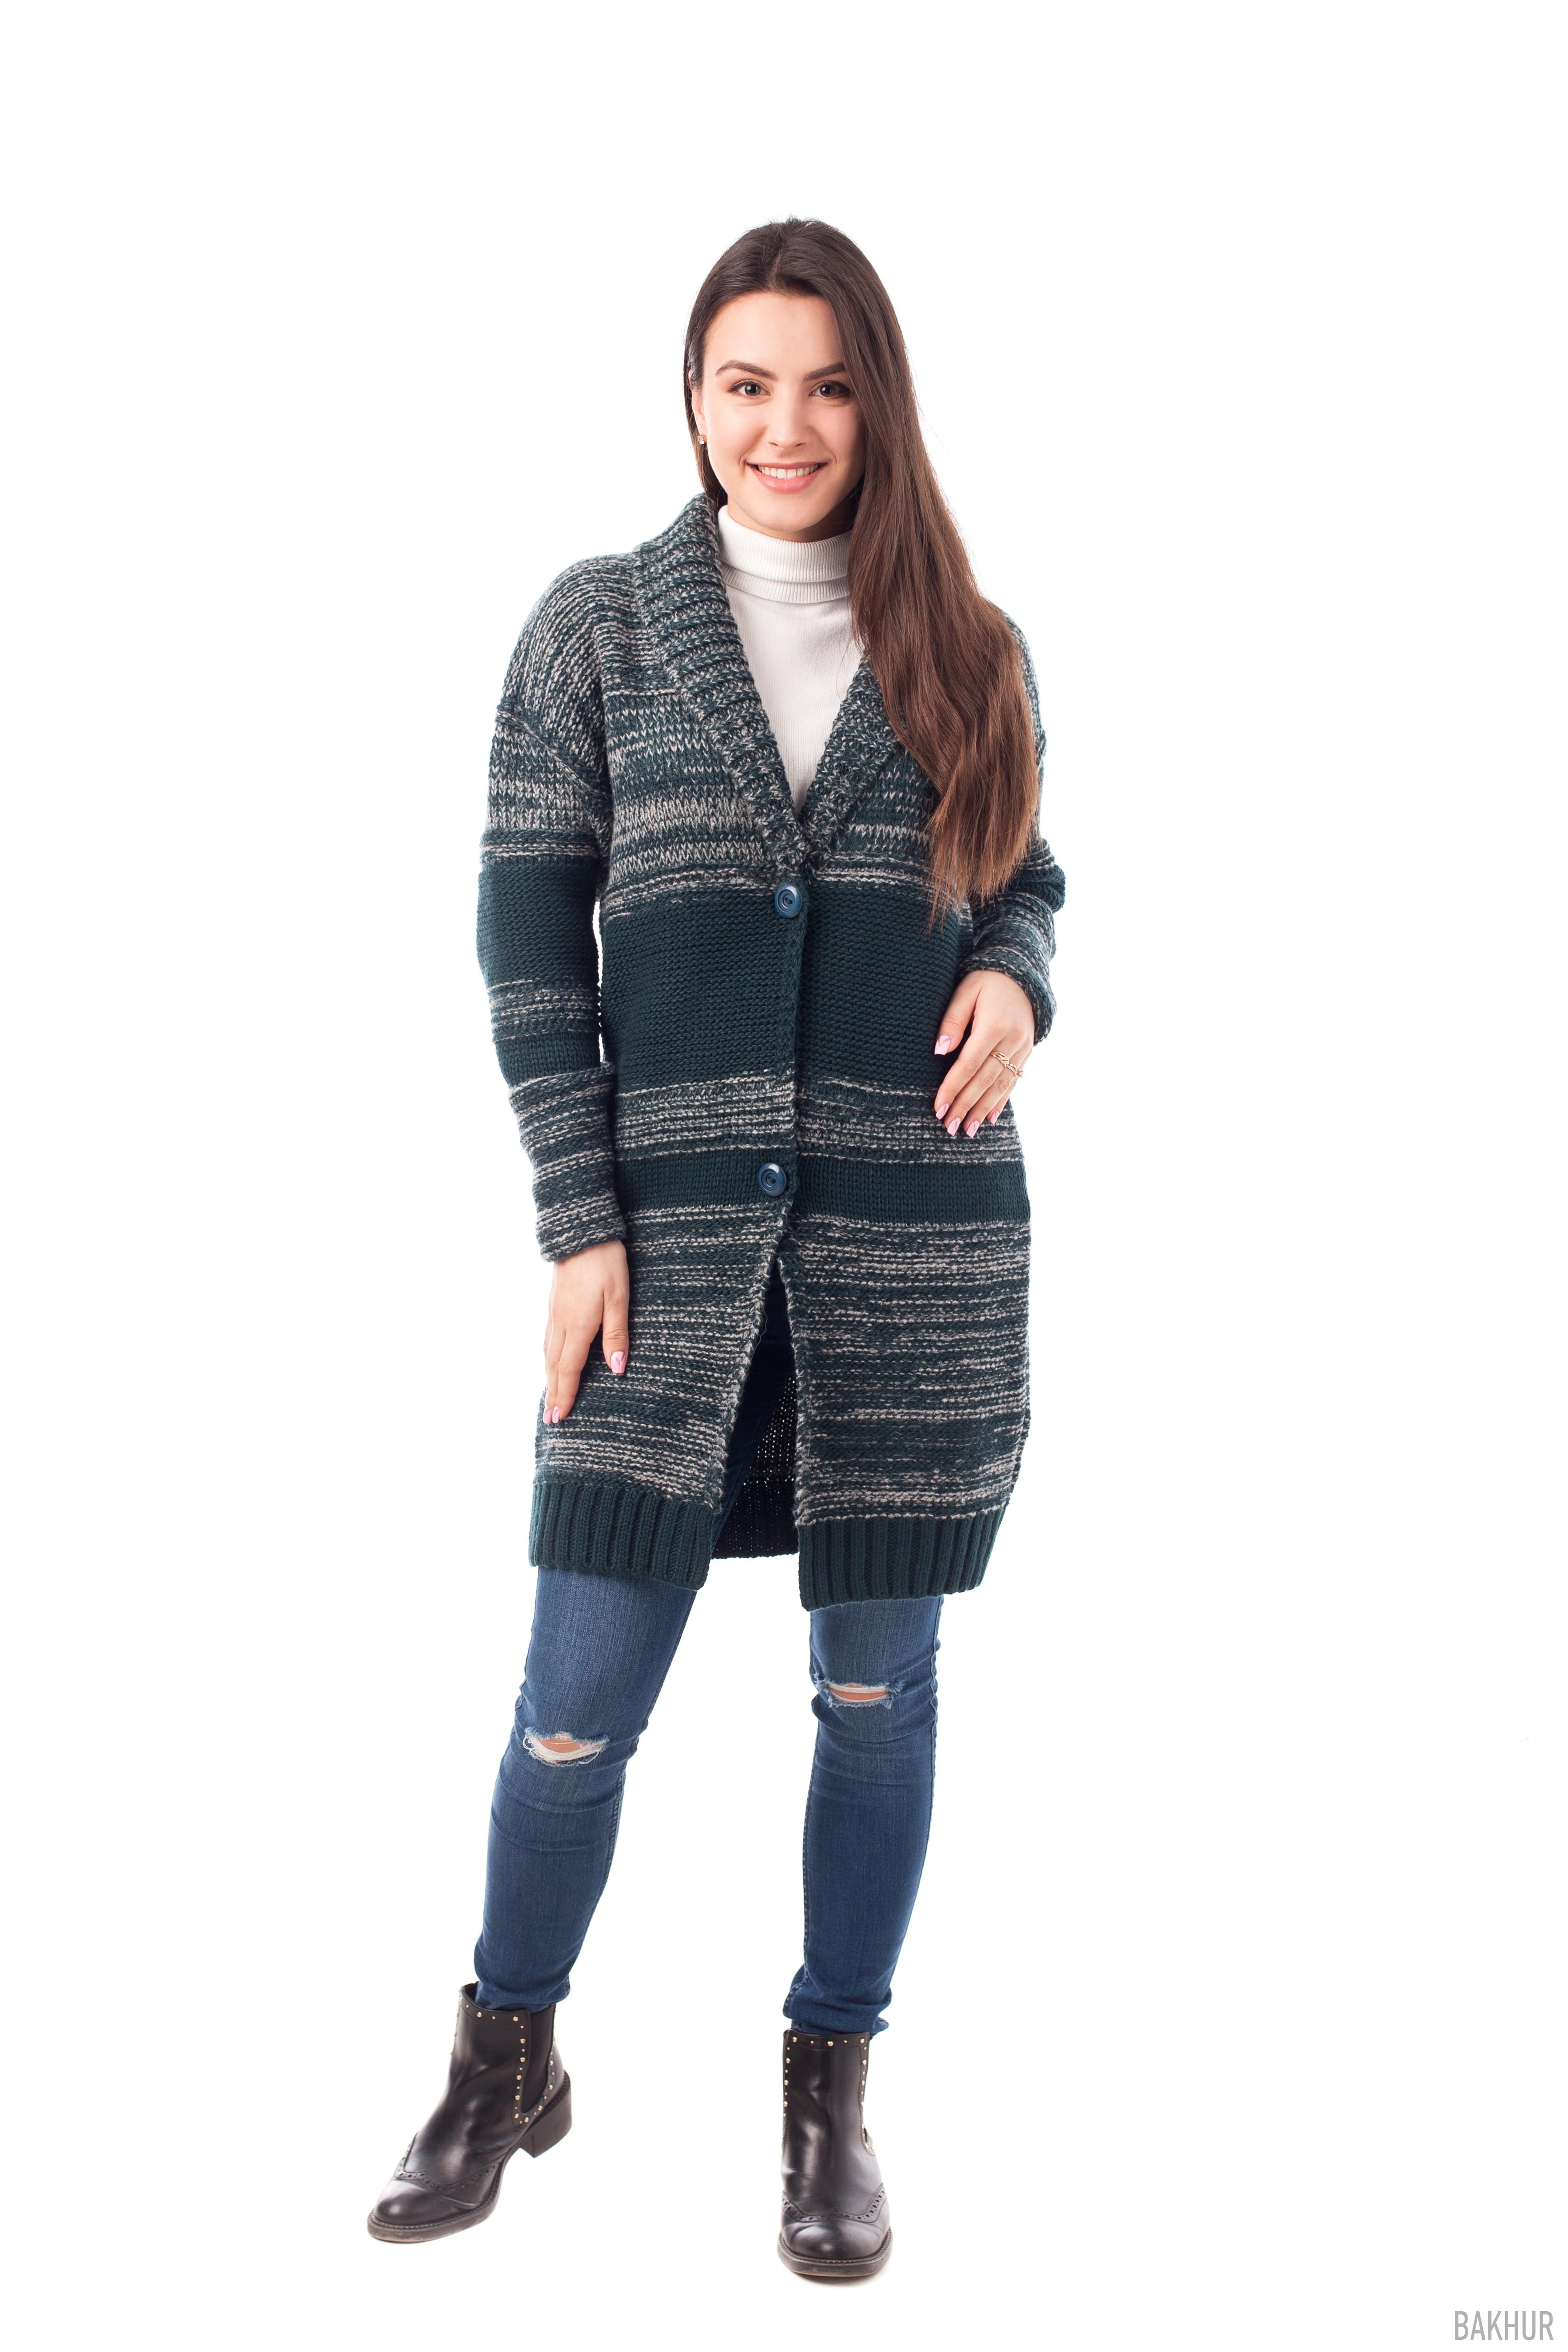 Женские трикотажные платья от производителя украина розница